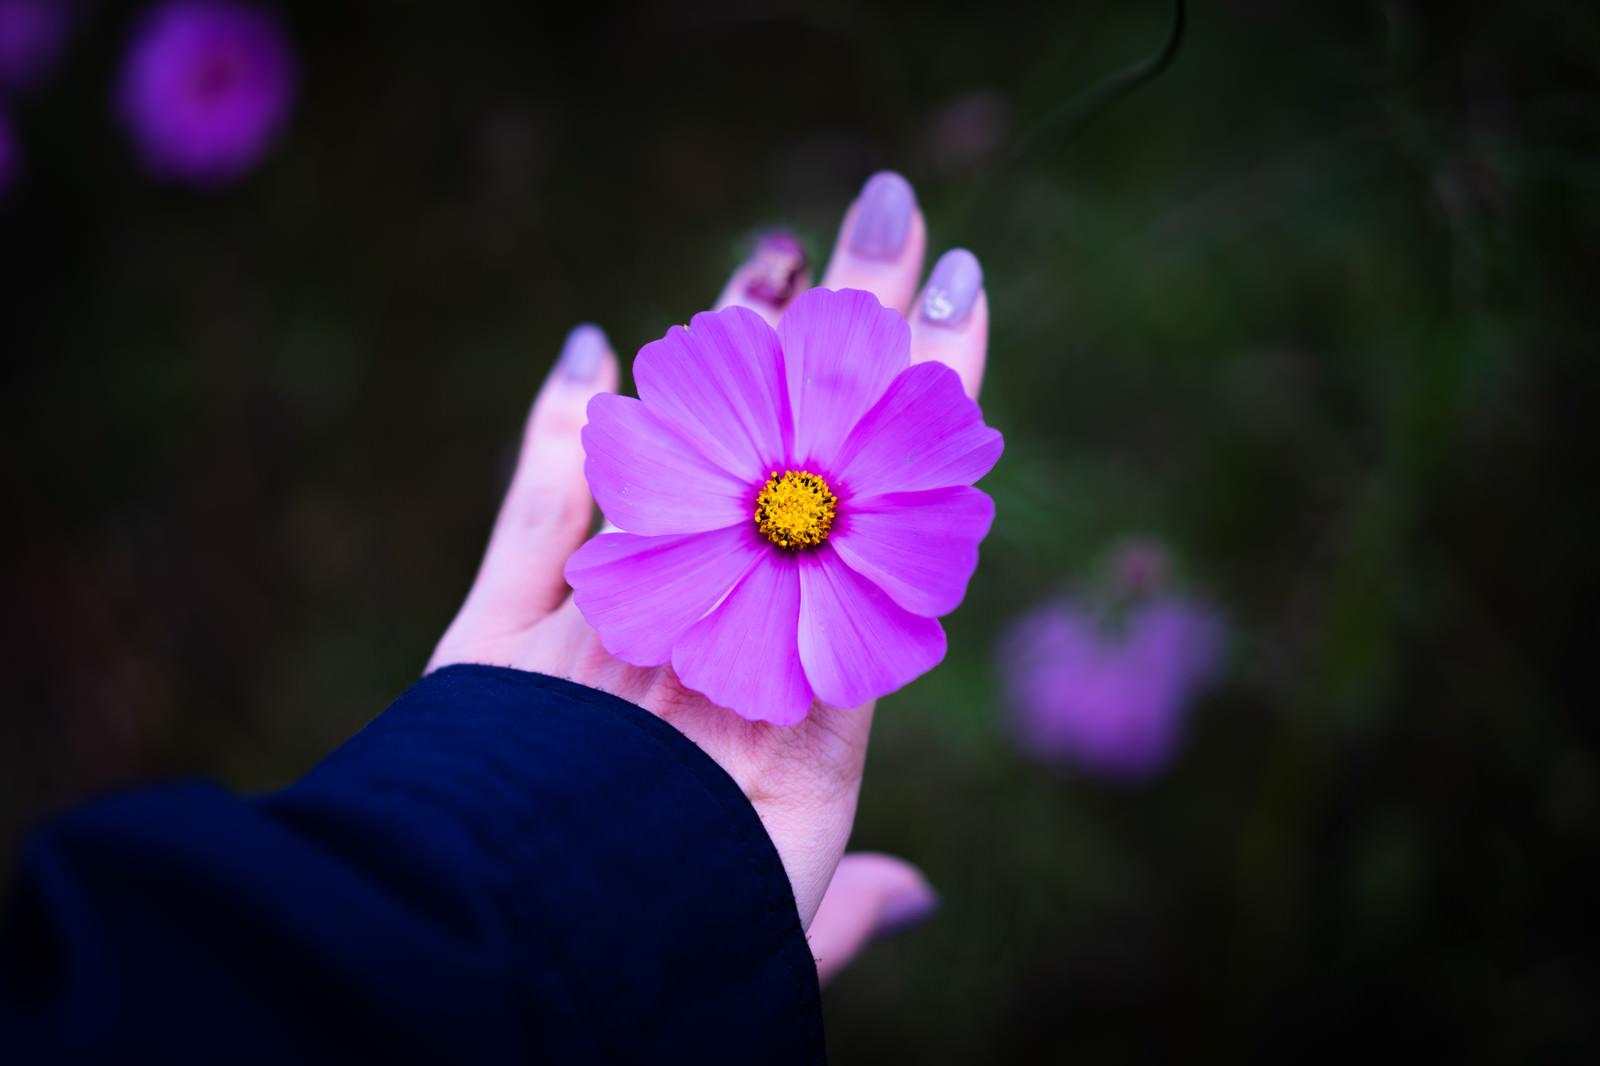 「手のひらとコスモスの花」の写真